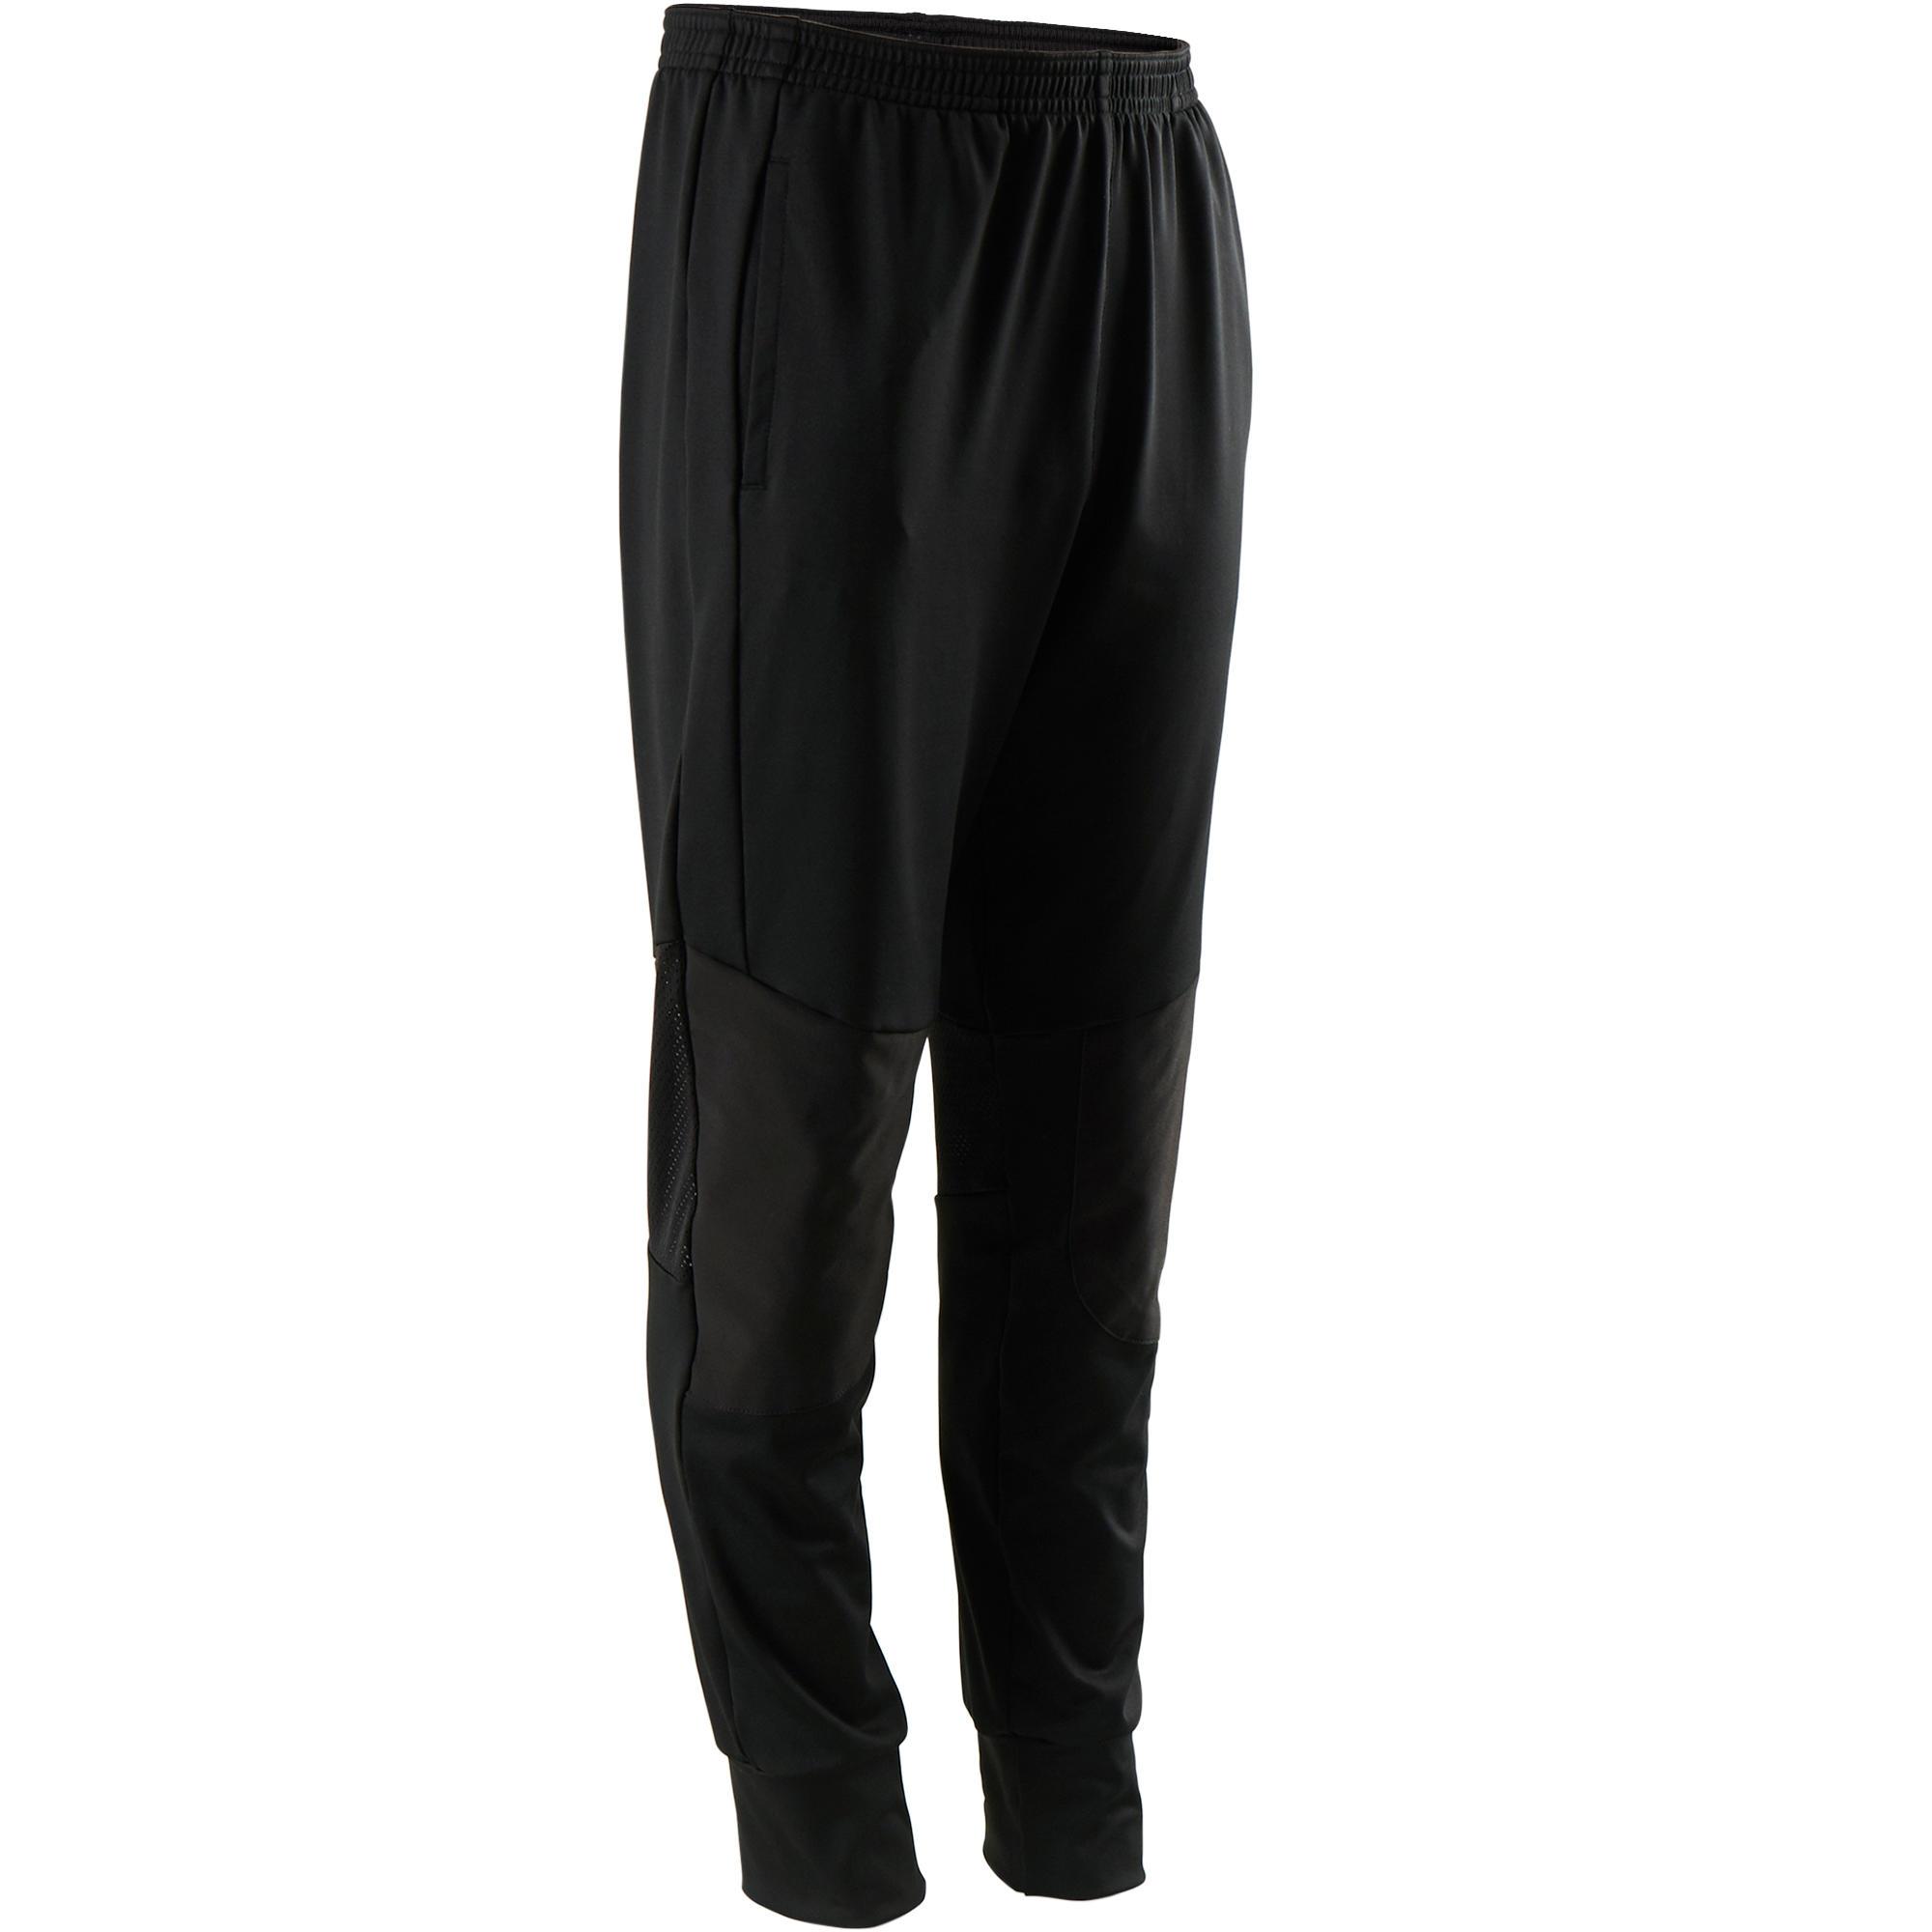 Pantalon S500B negru băieți